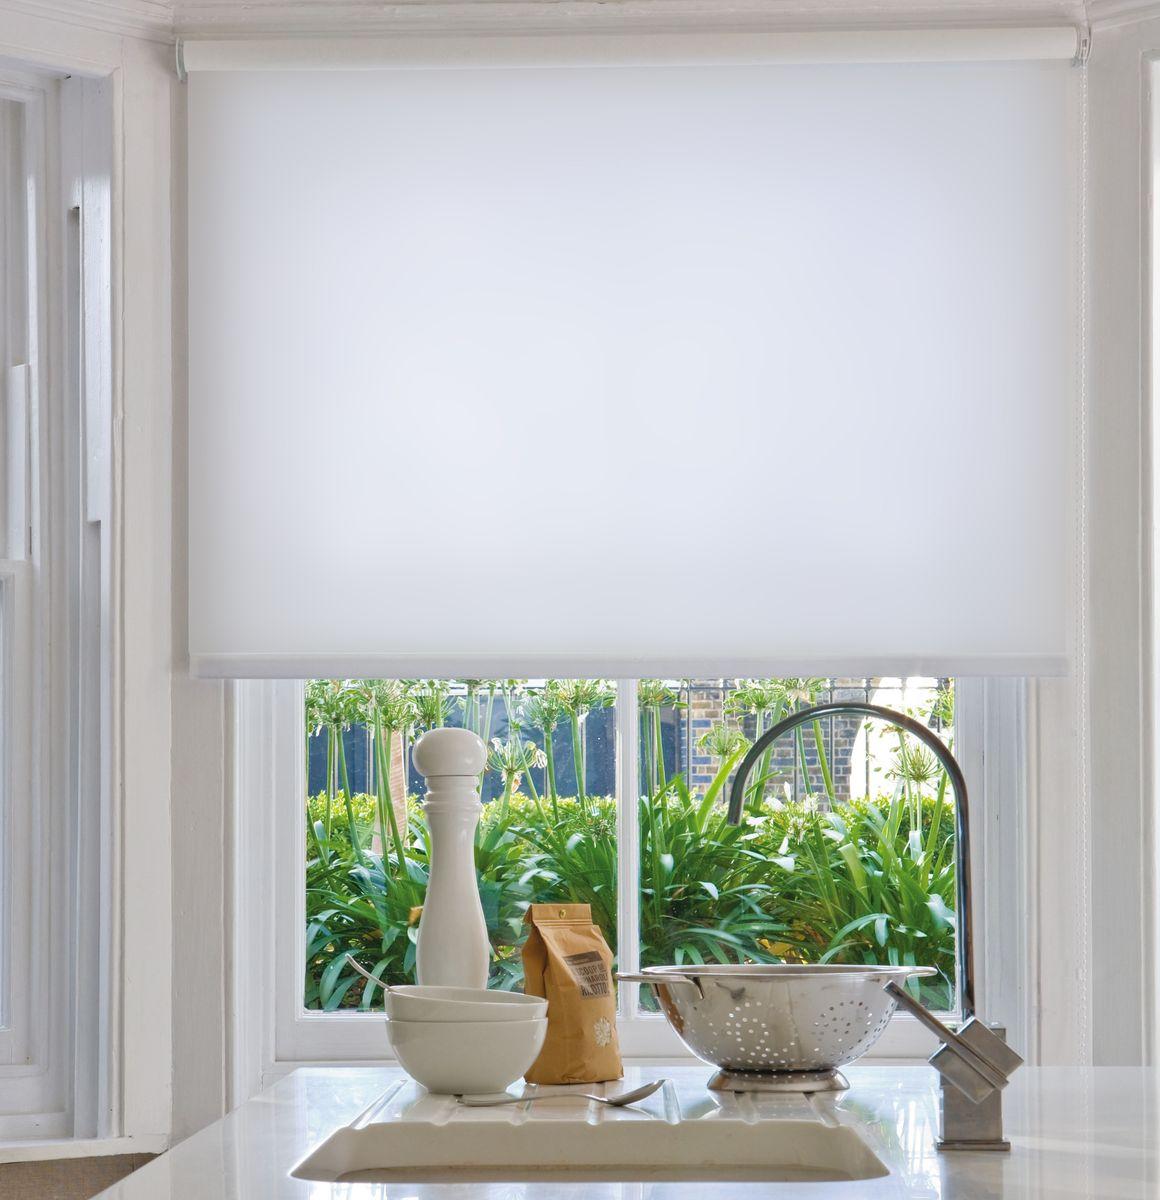 иллюстраций картинки рулонных штор в светлых тонах продаётся только